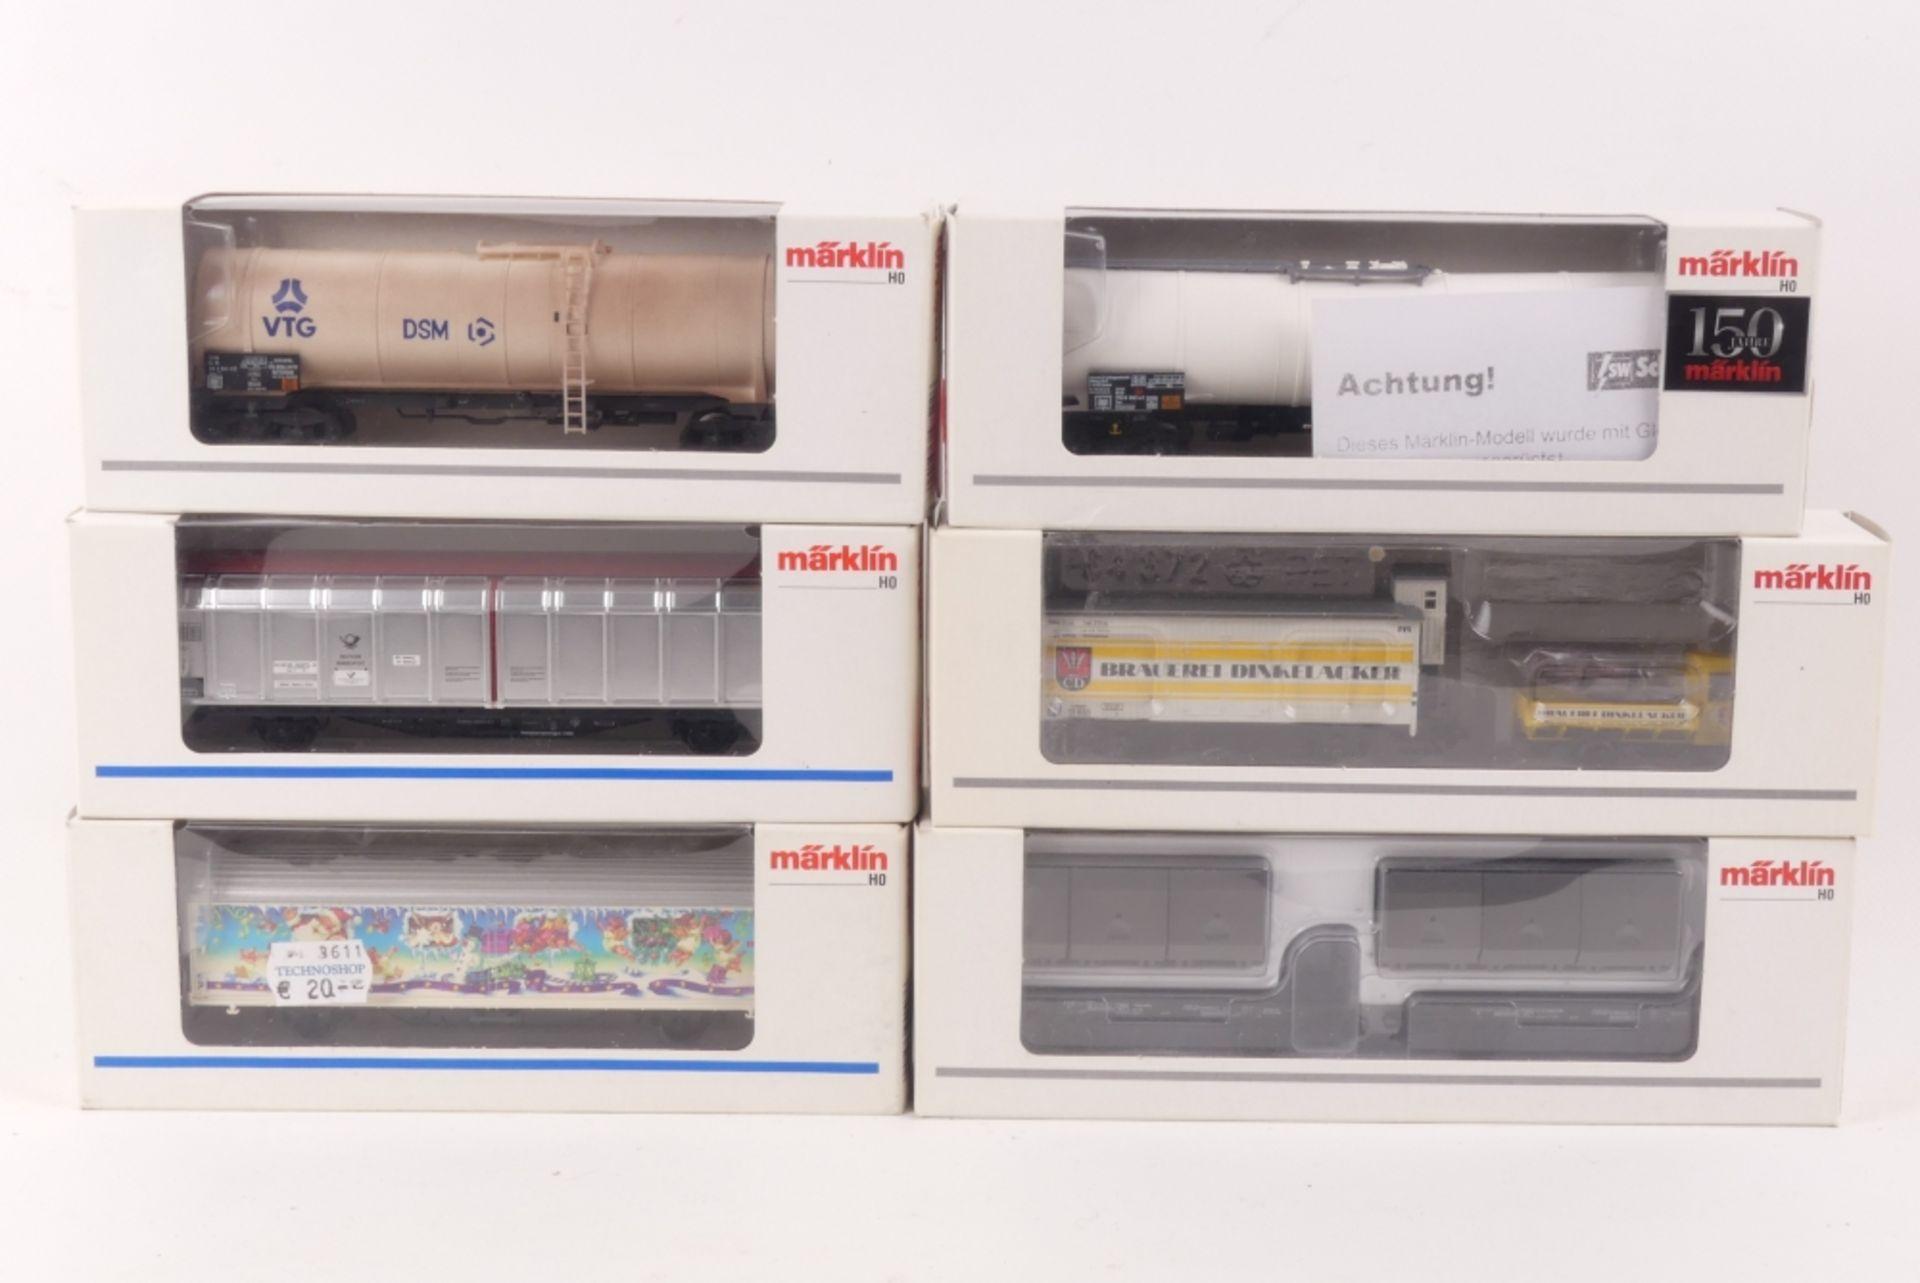 Märklin sechs GüterwagenMärklin sechs Güterwagen, 47522, 47562, 48018, 48272, 9441